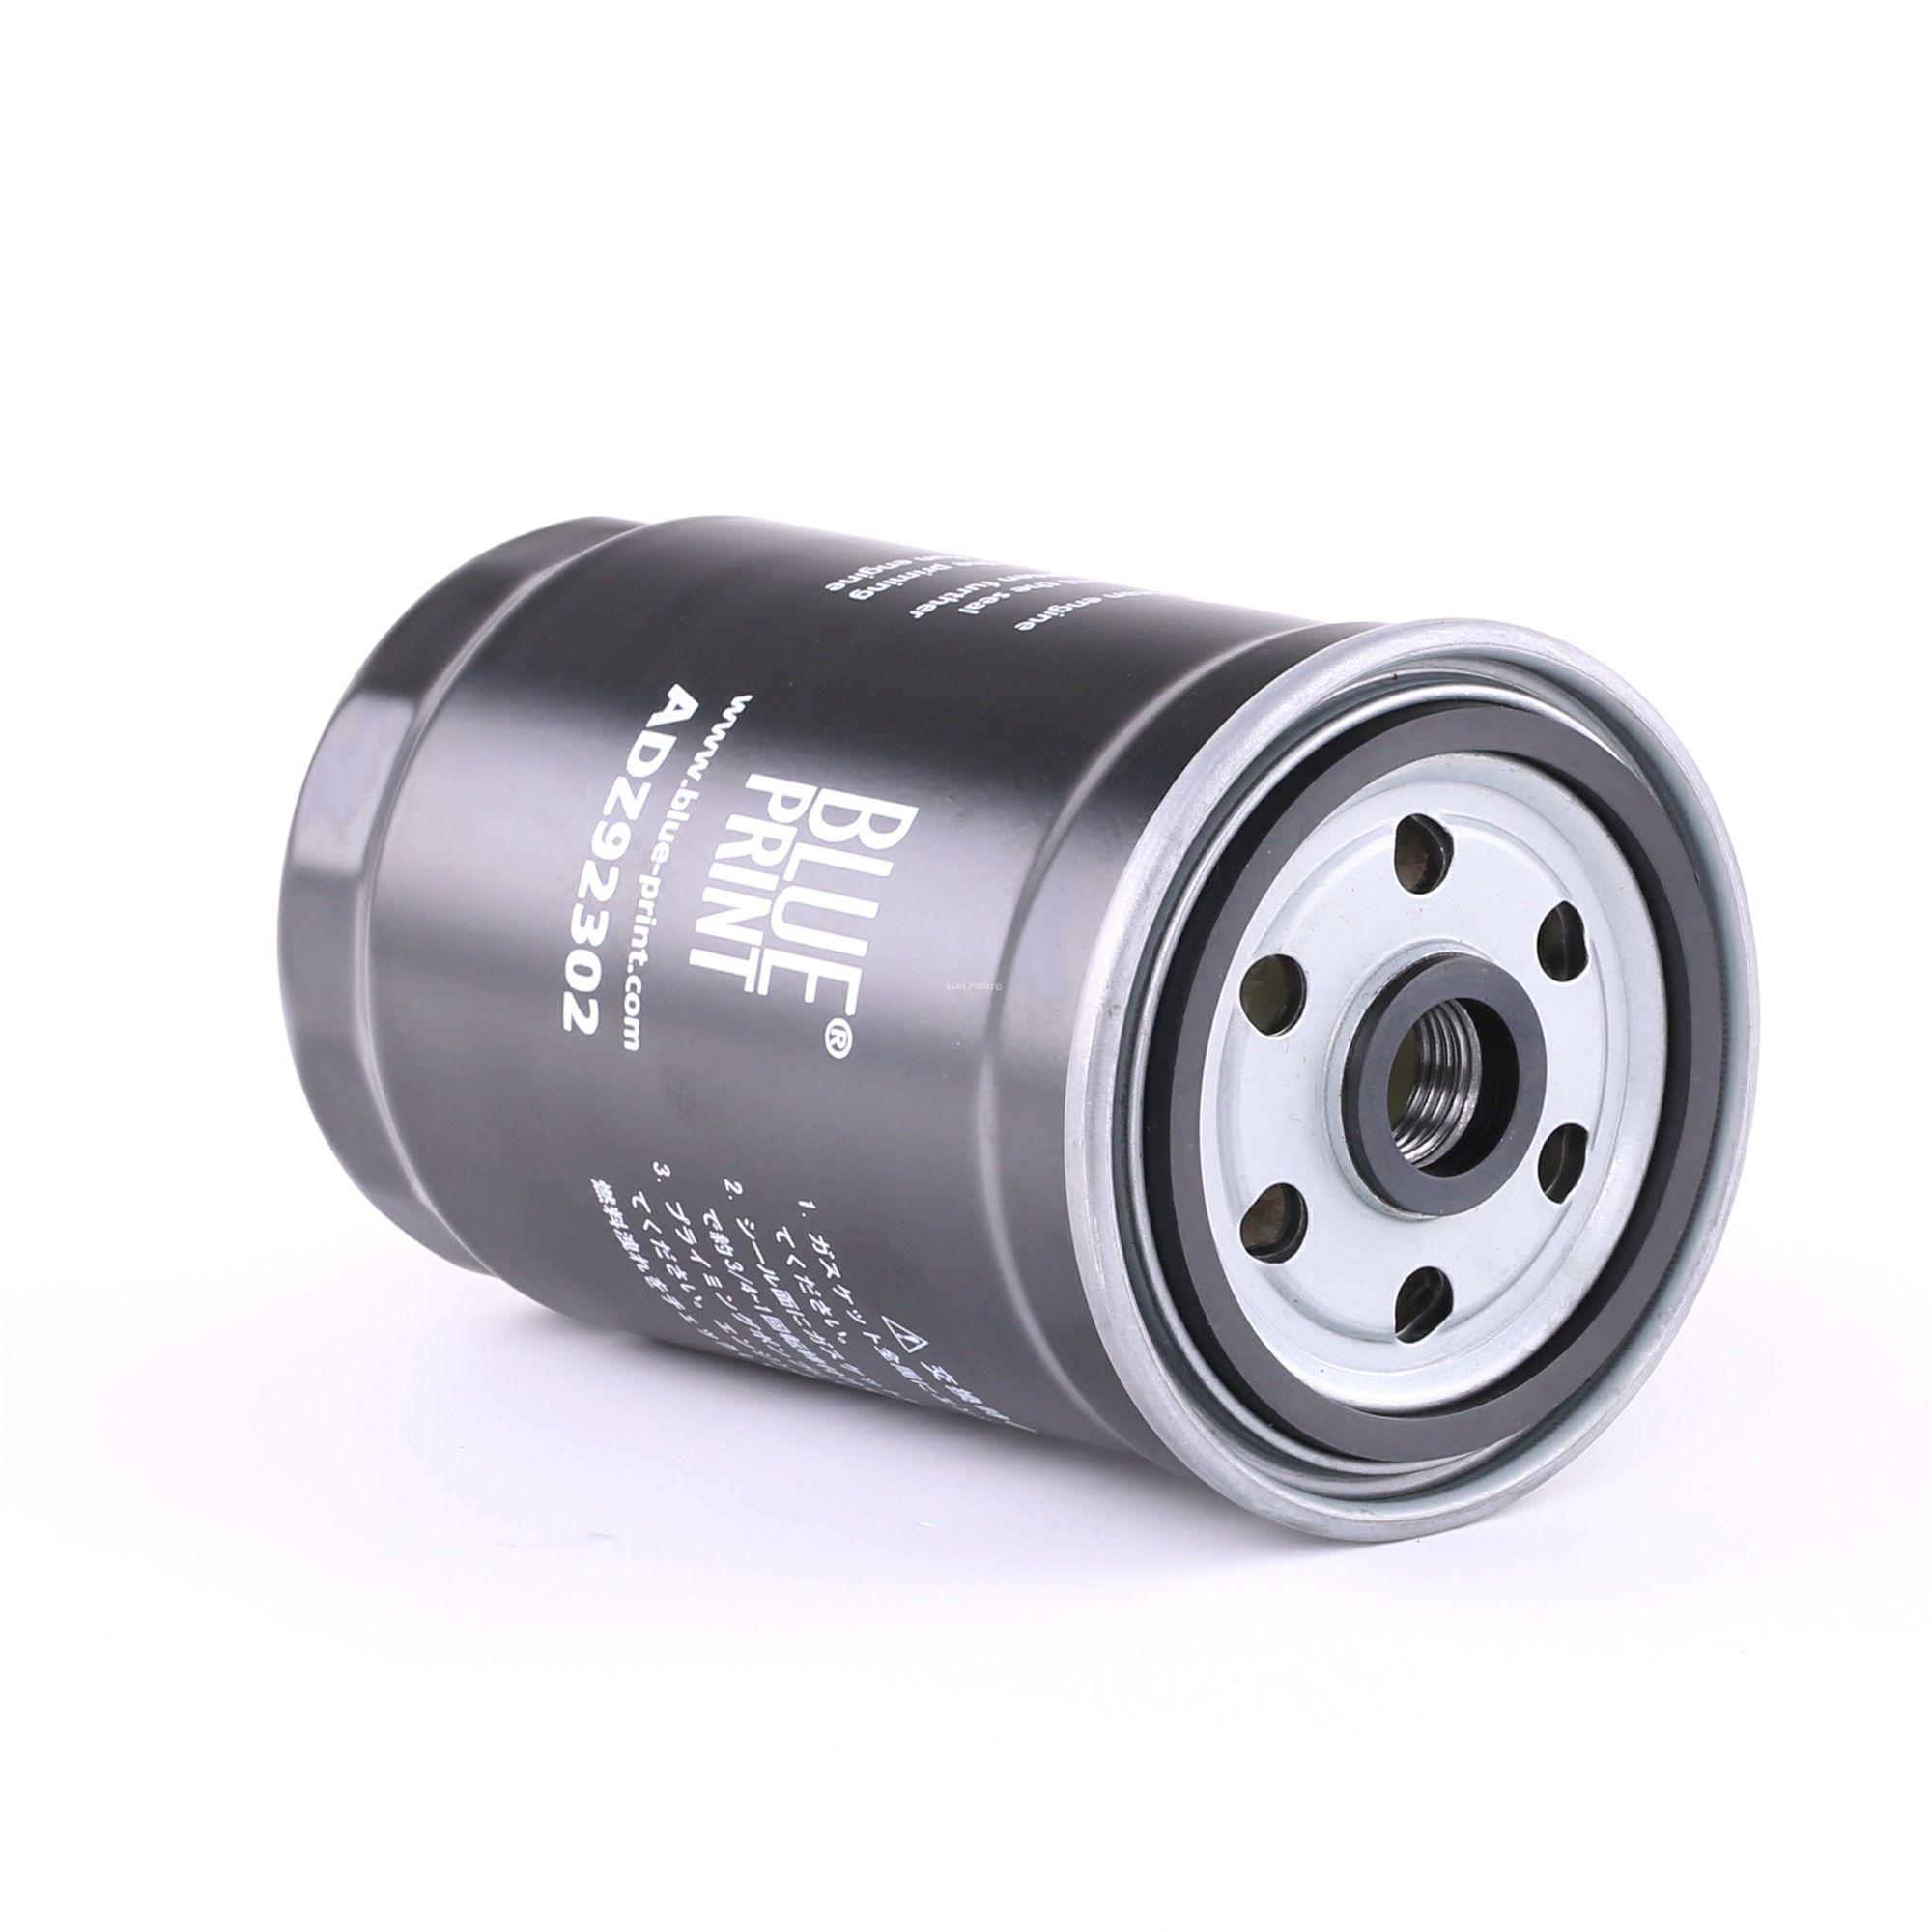 Achetez Filtre à carburant BLUE PRINT ADZ92302 (Hauteur: 150mm) à un rapport qualité-prix exceptionnel